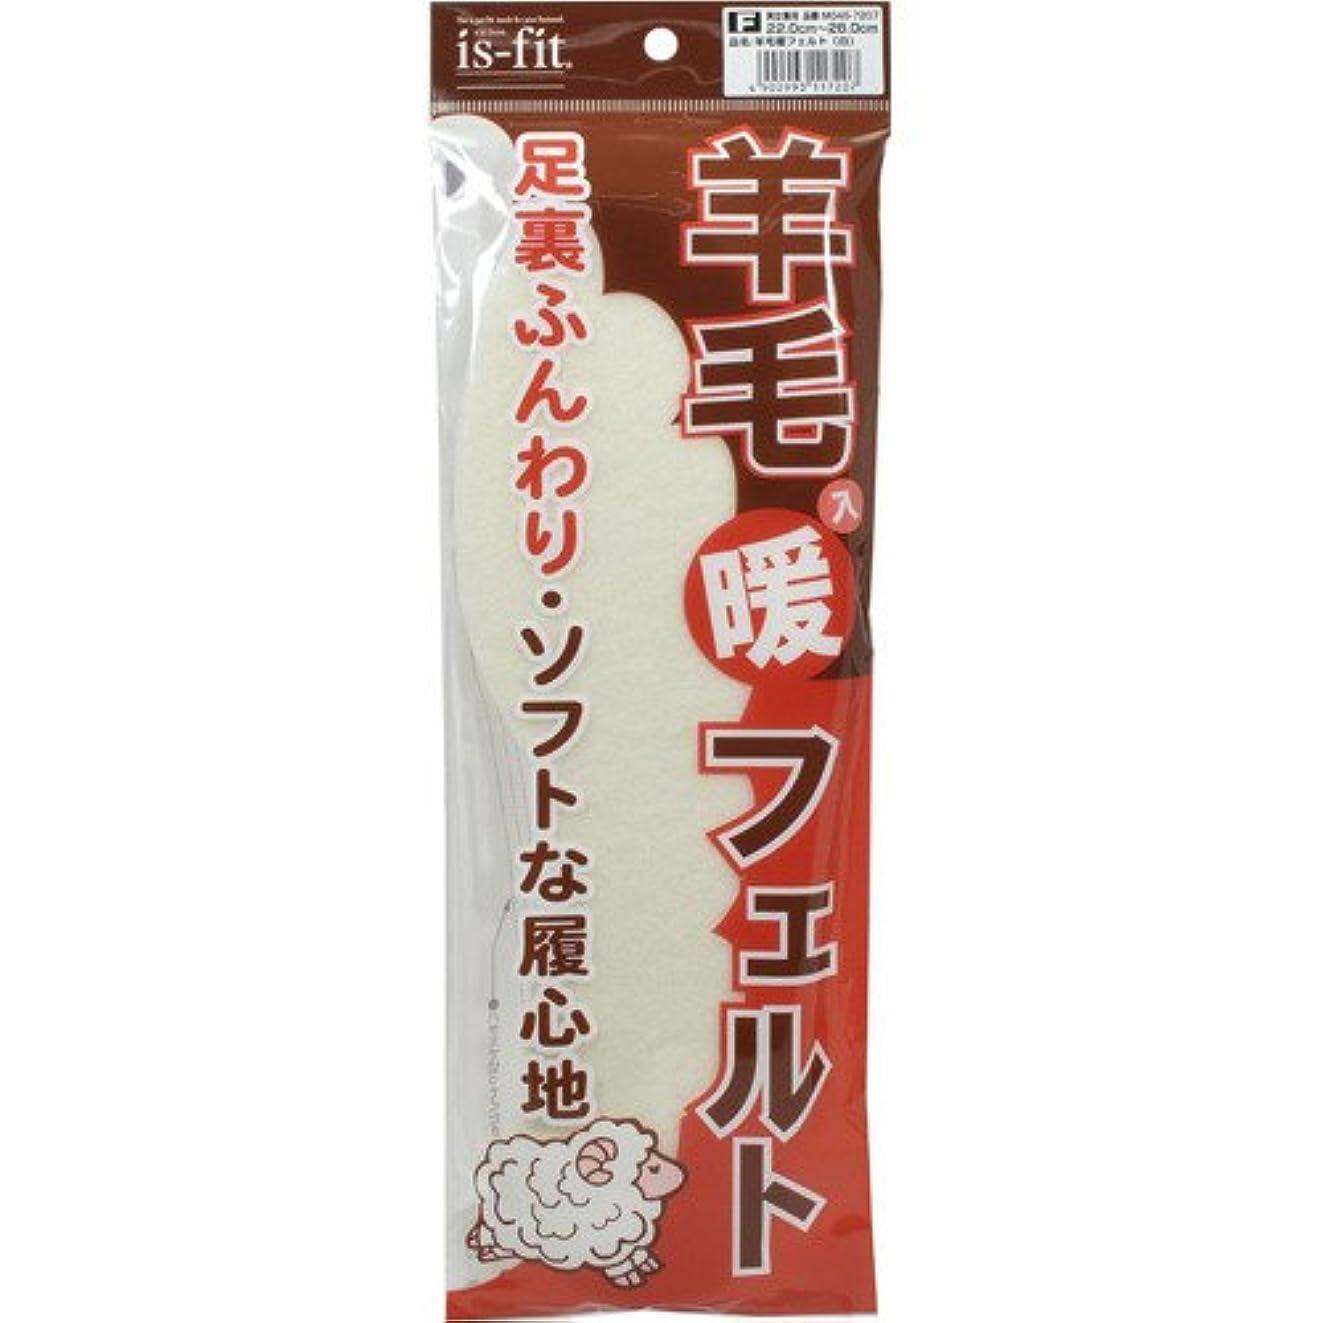 義務シアー癒すis-fit(イズフィット) 羊毛入り暖フェルト 男女兼用 22.0-28.0cm 白